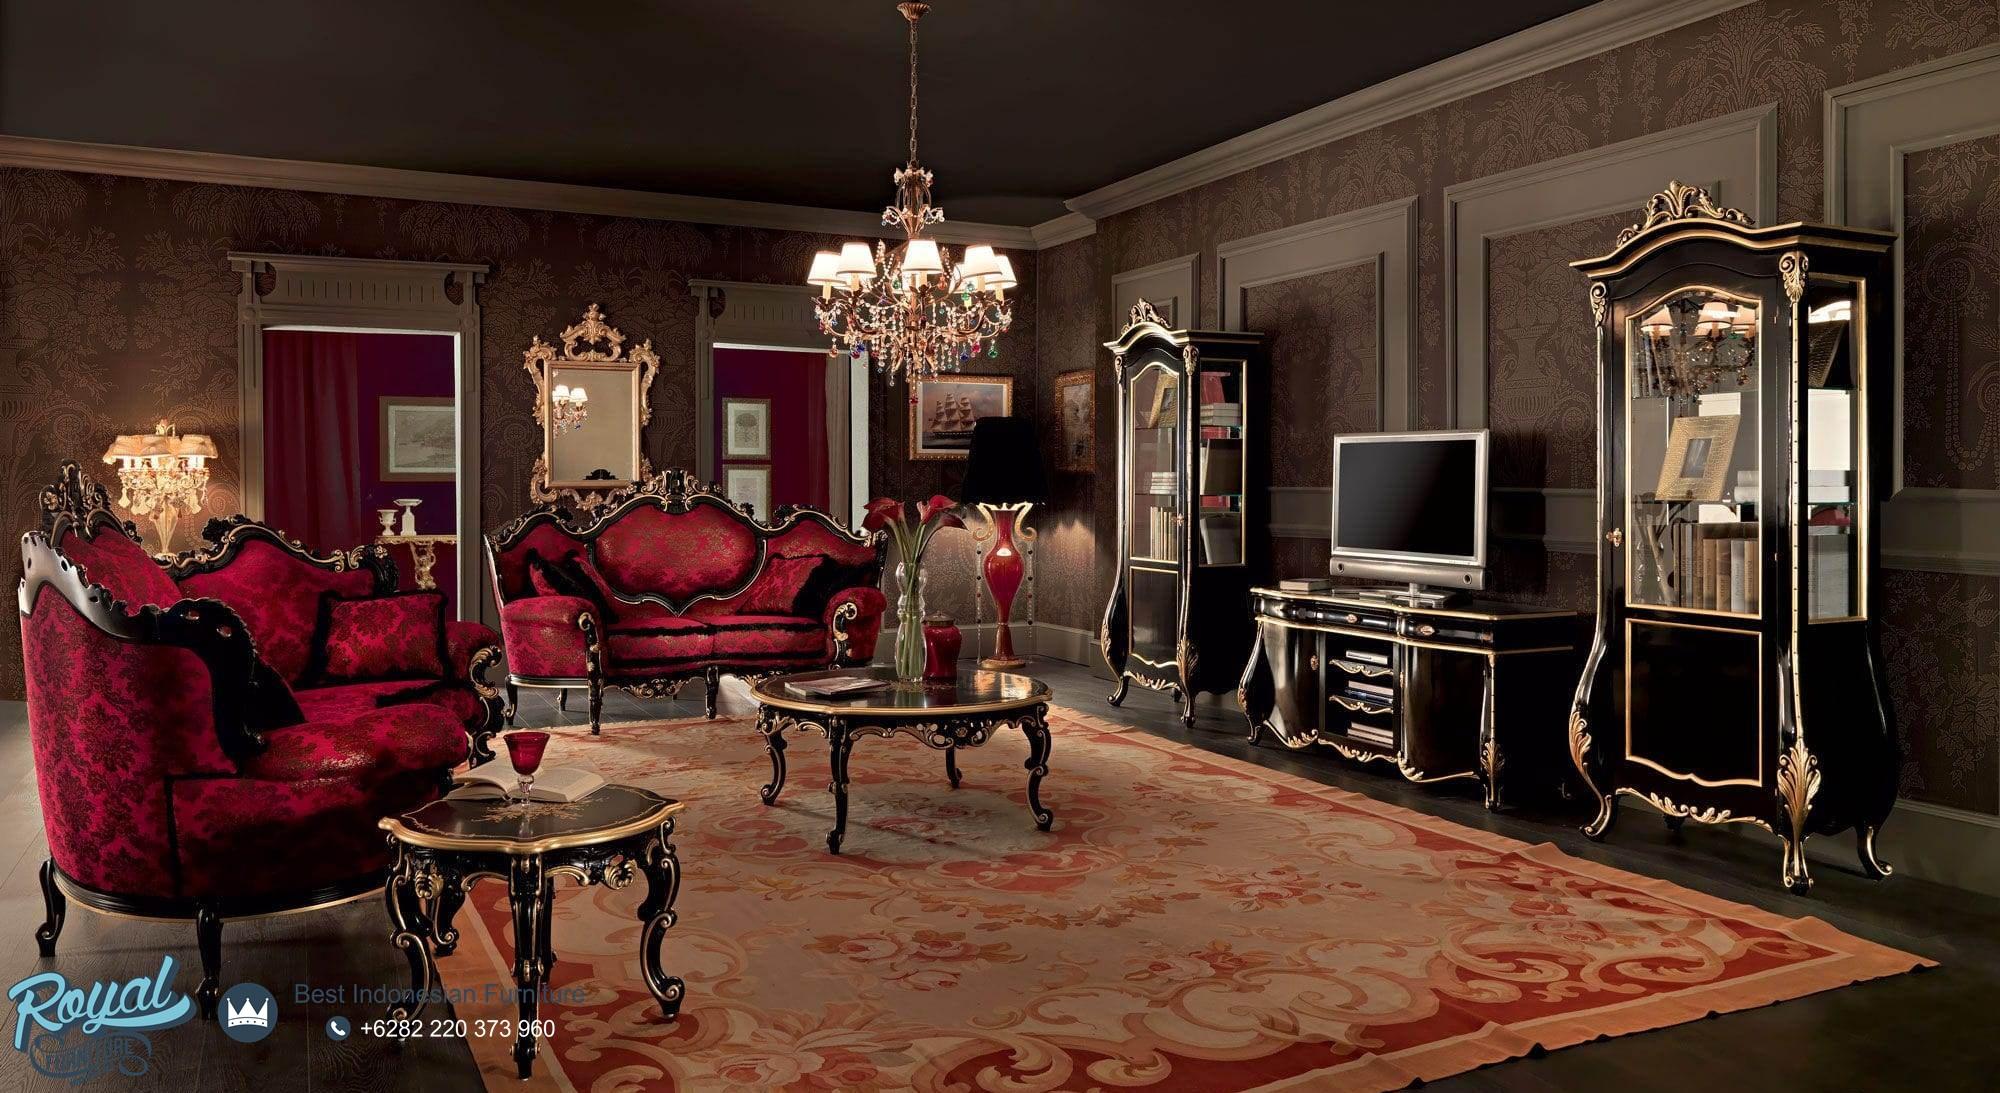 Bufet Tv Klasik Ruang Tamu Mewah Terbaru Villa Venezia Royal  # Teodora Muebles